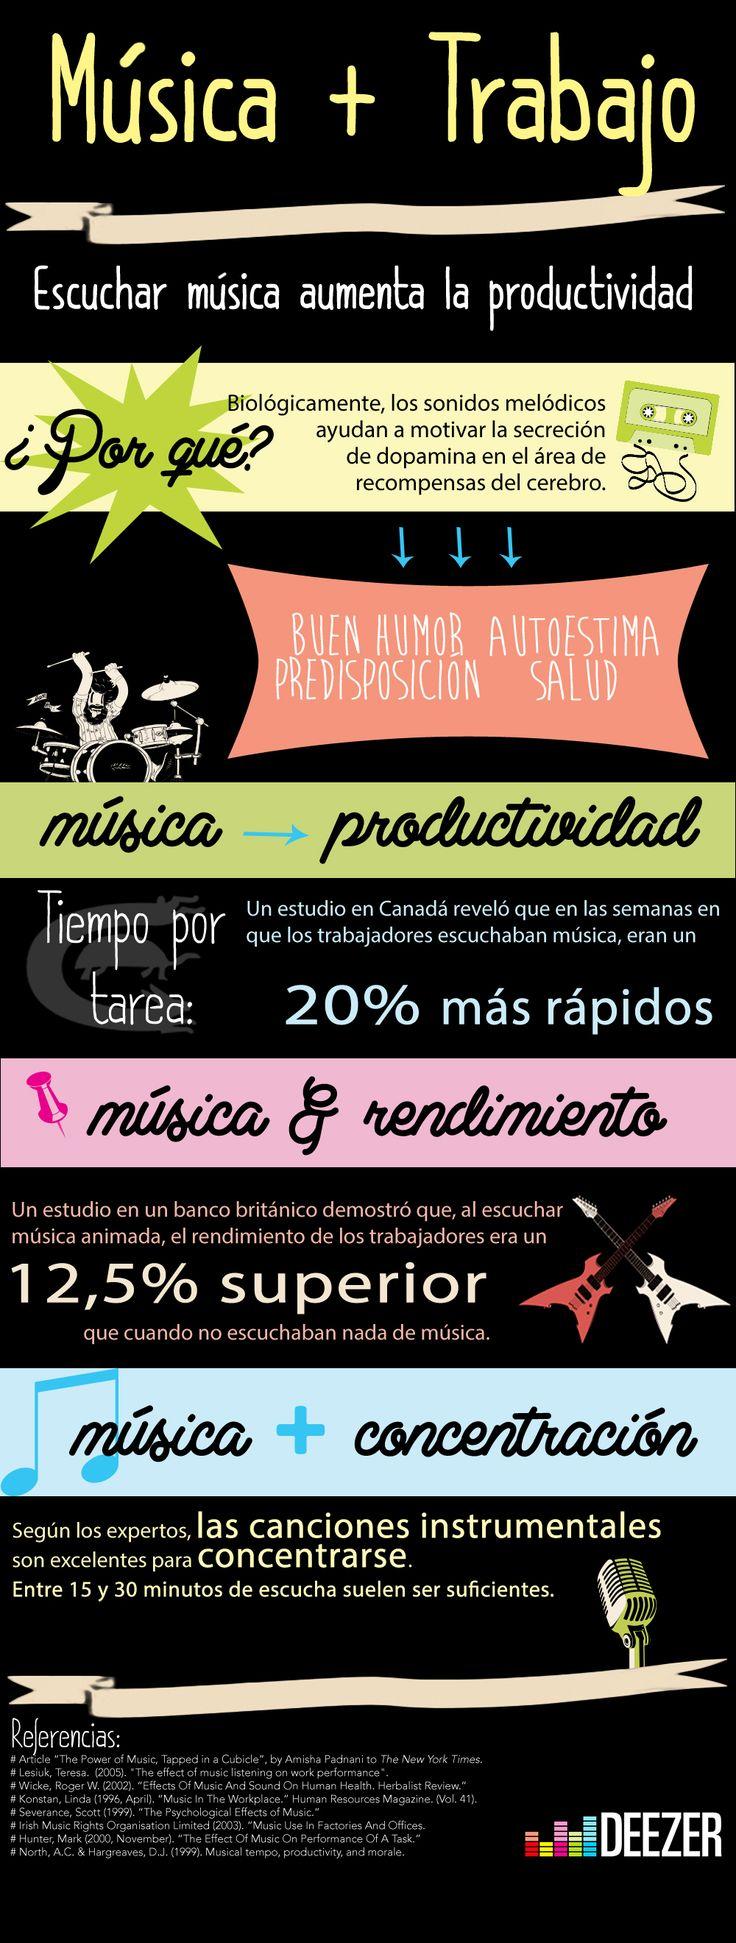 Música para aumentar la productividad #Música #productividad #music #infografia #infographic